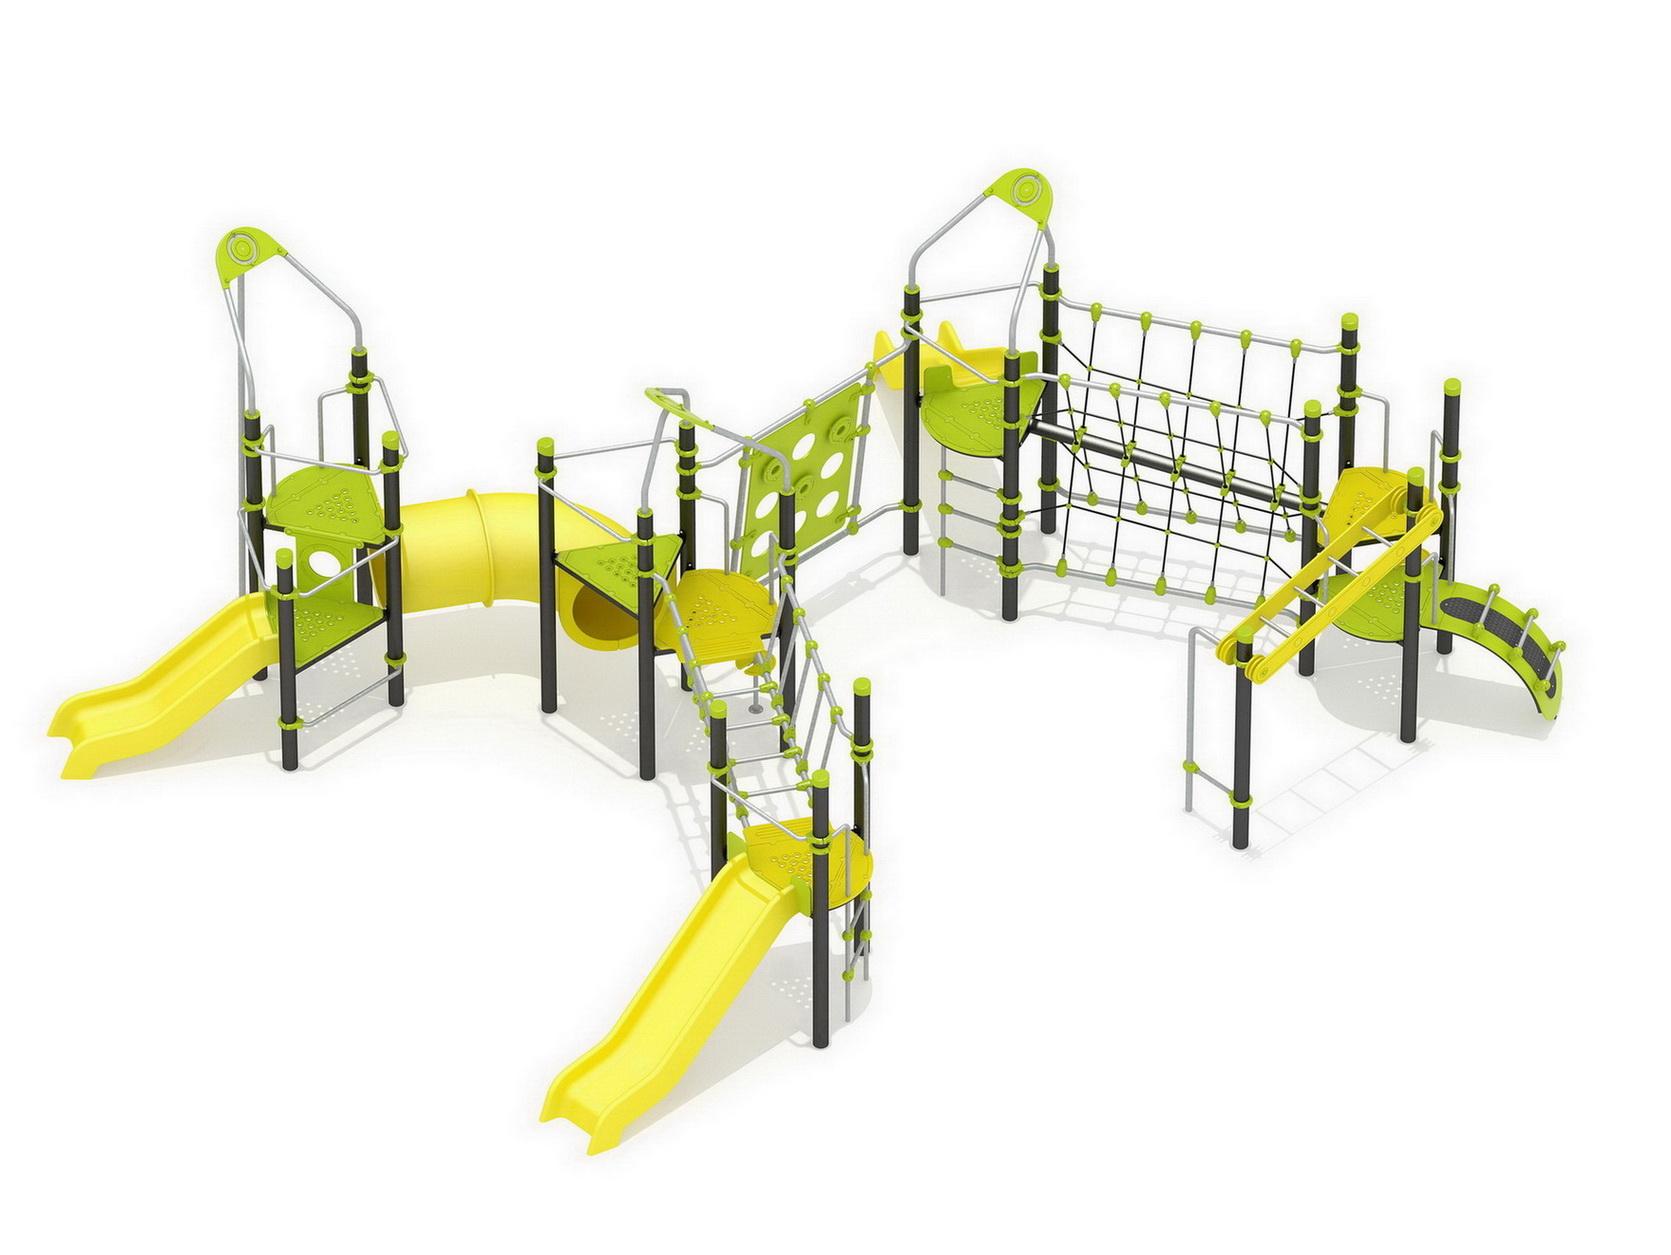 Parques infantiles y mobiliario urbano sumalim for Mobiliario urbano tipos